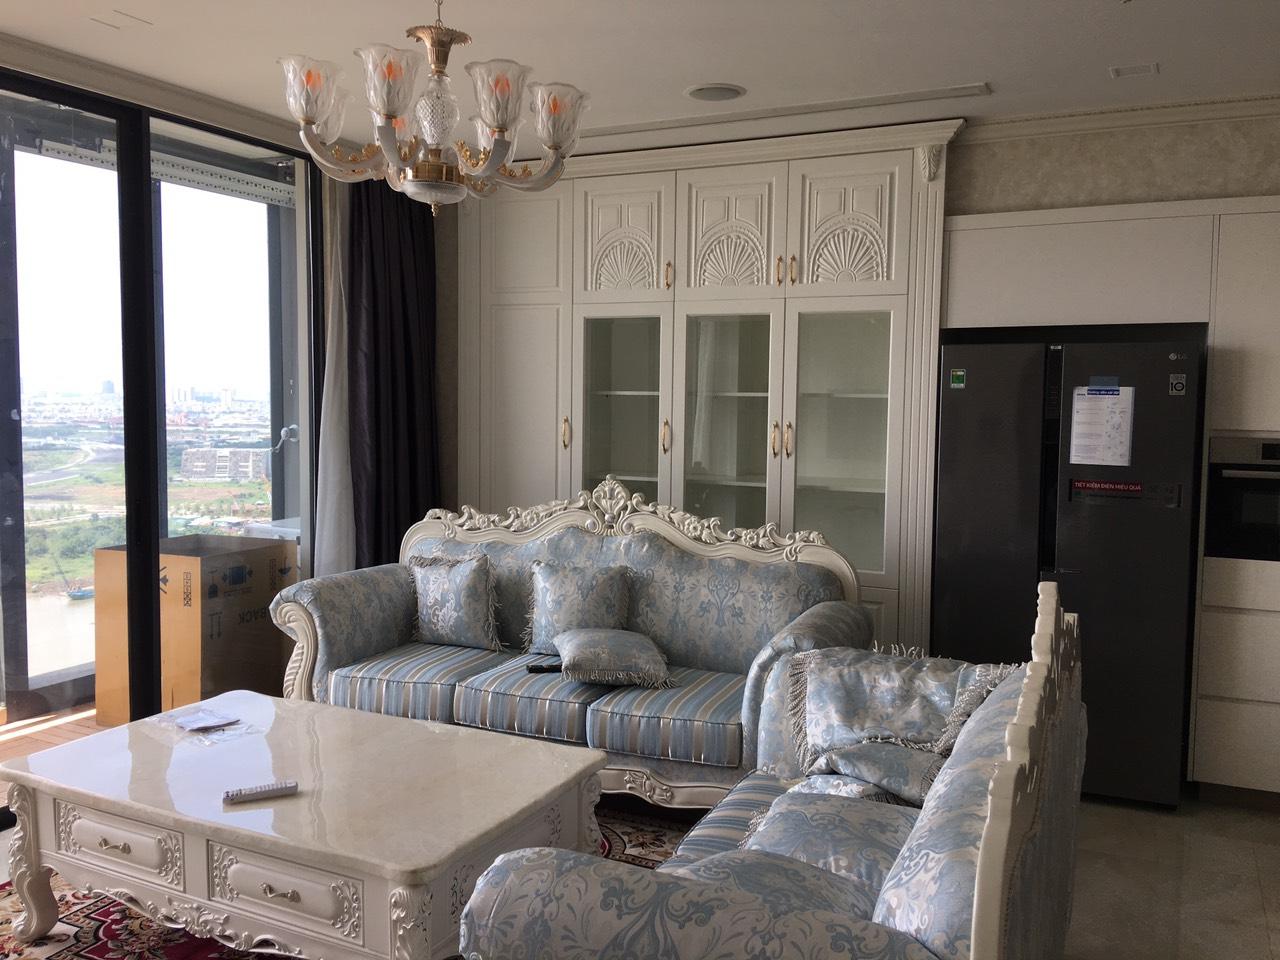 Cho thuê 3 phòng ngủ Vinhomes Golden river - ID 010104